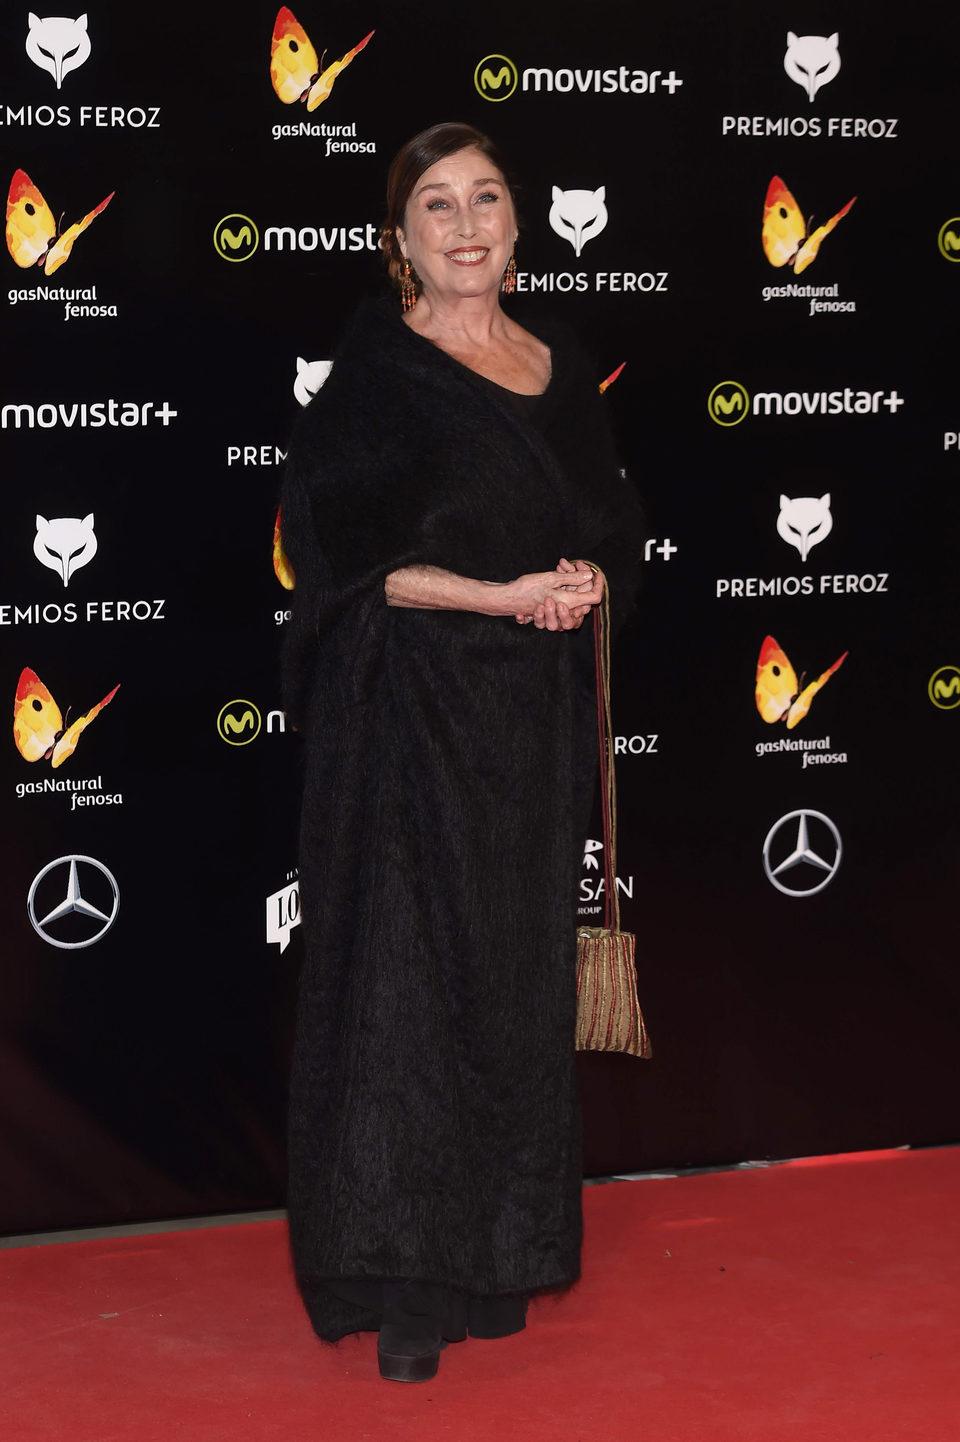 Verónica Forqué en la alfombra roja de los Premios Feroz 2016